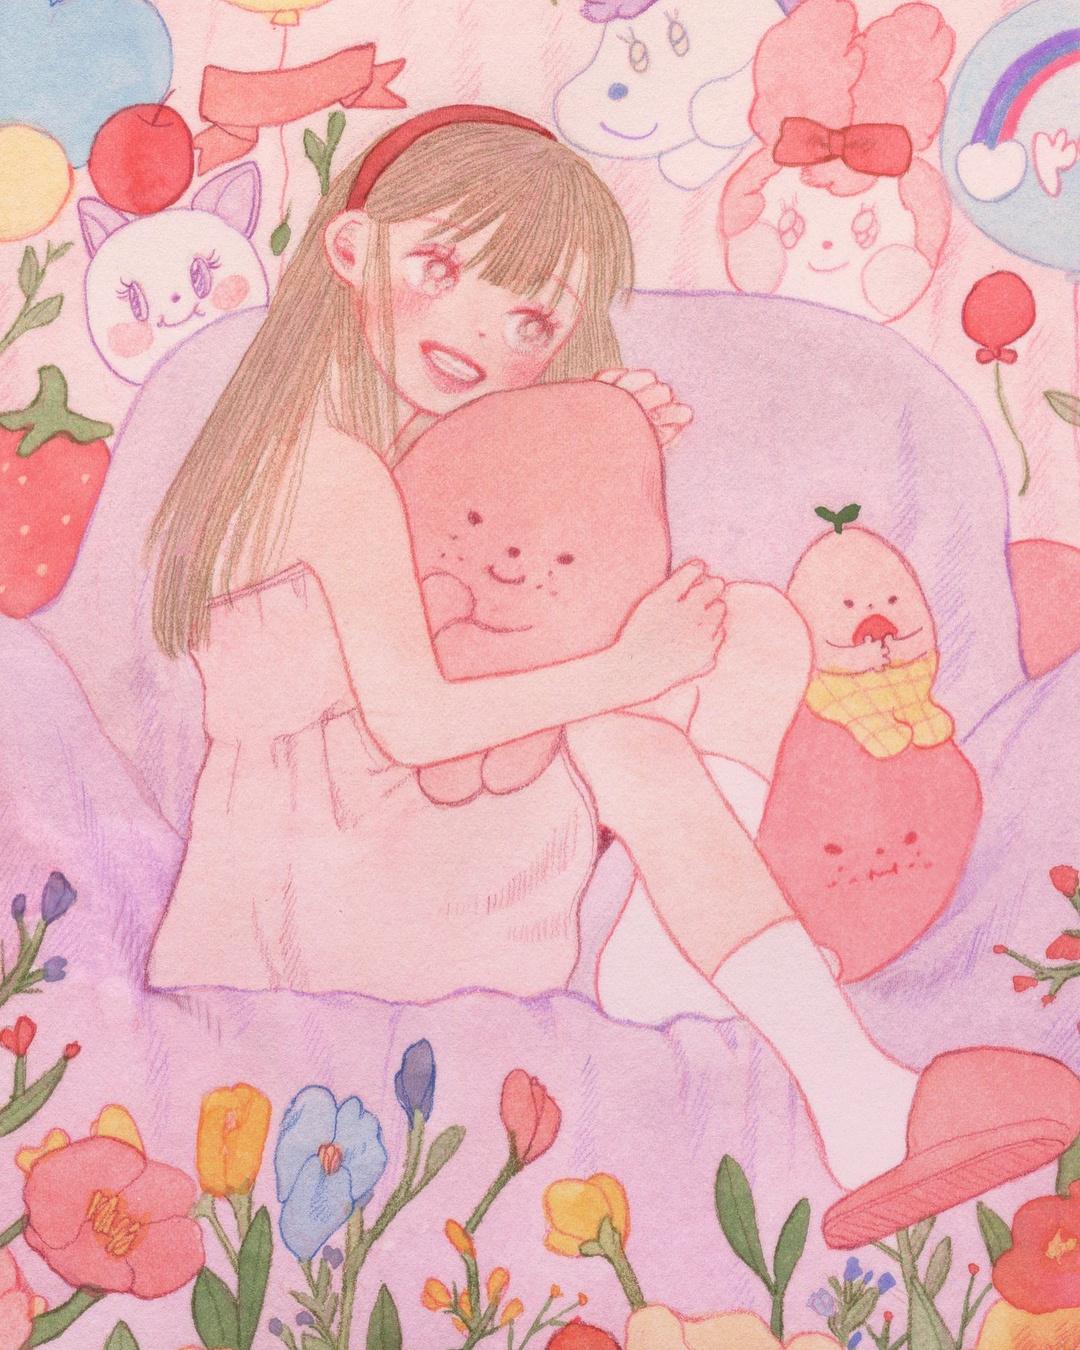 水彩+色铅笔手绘插画充满了粉色桃子味儿的女孩儿呀~插画来自作者in